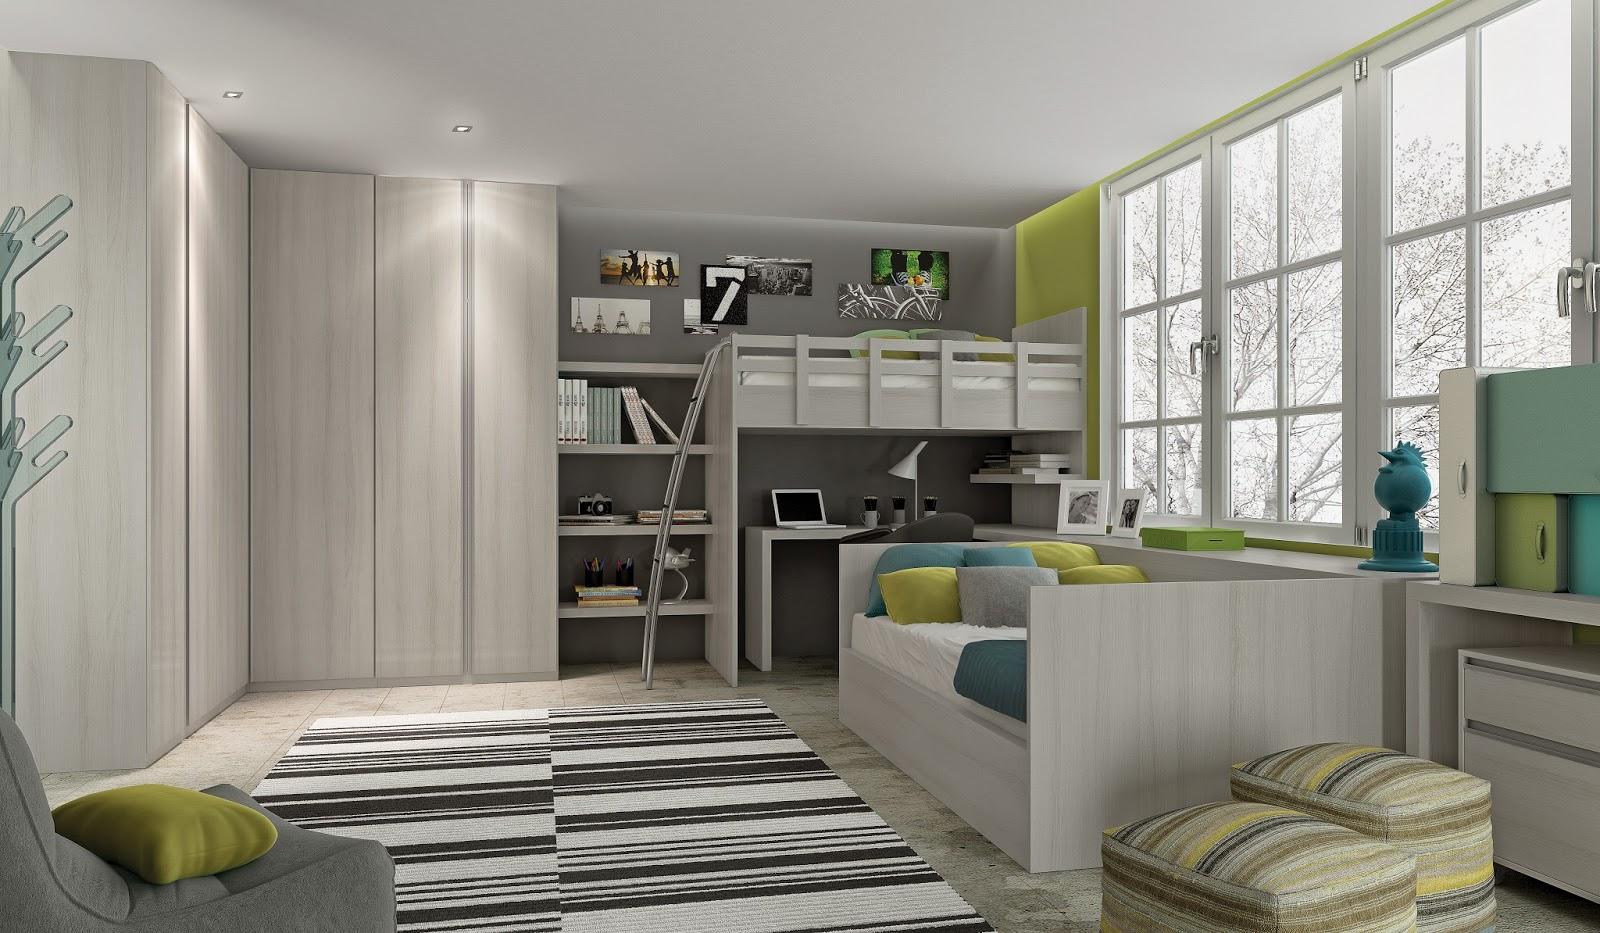 modelo de quarto planejado para um jovem adolescente